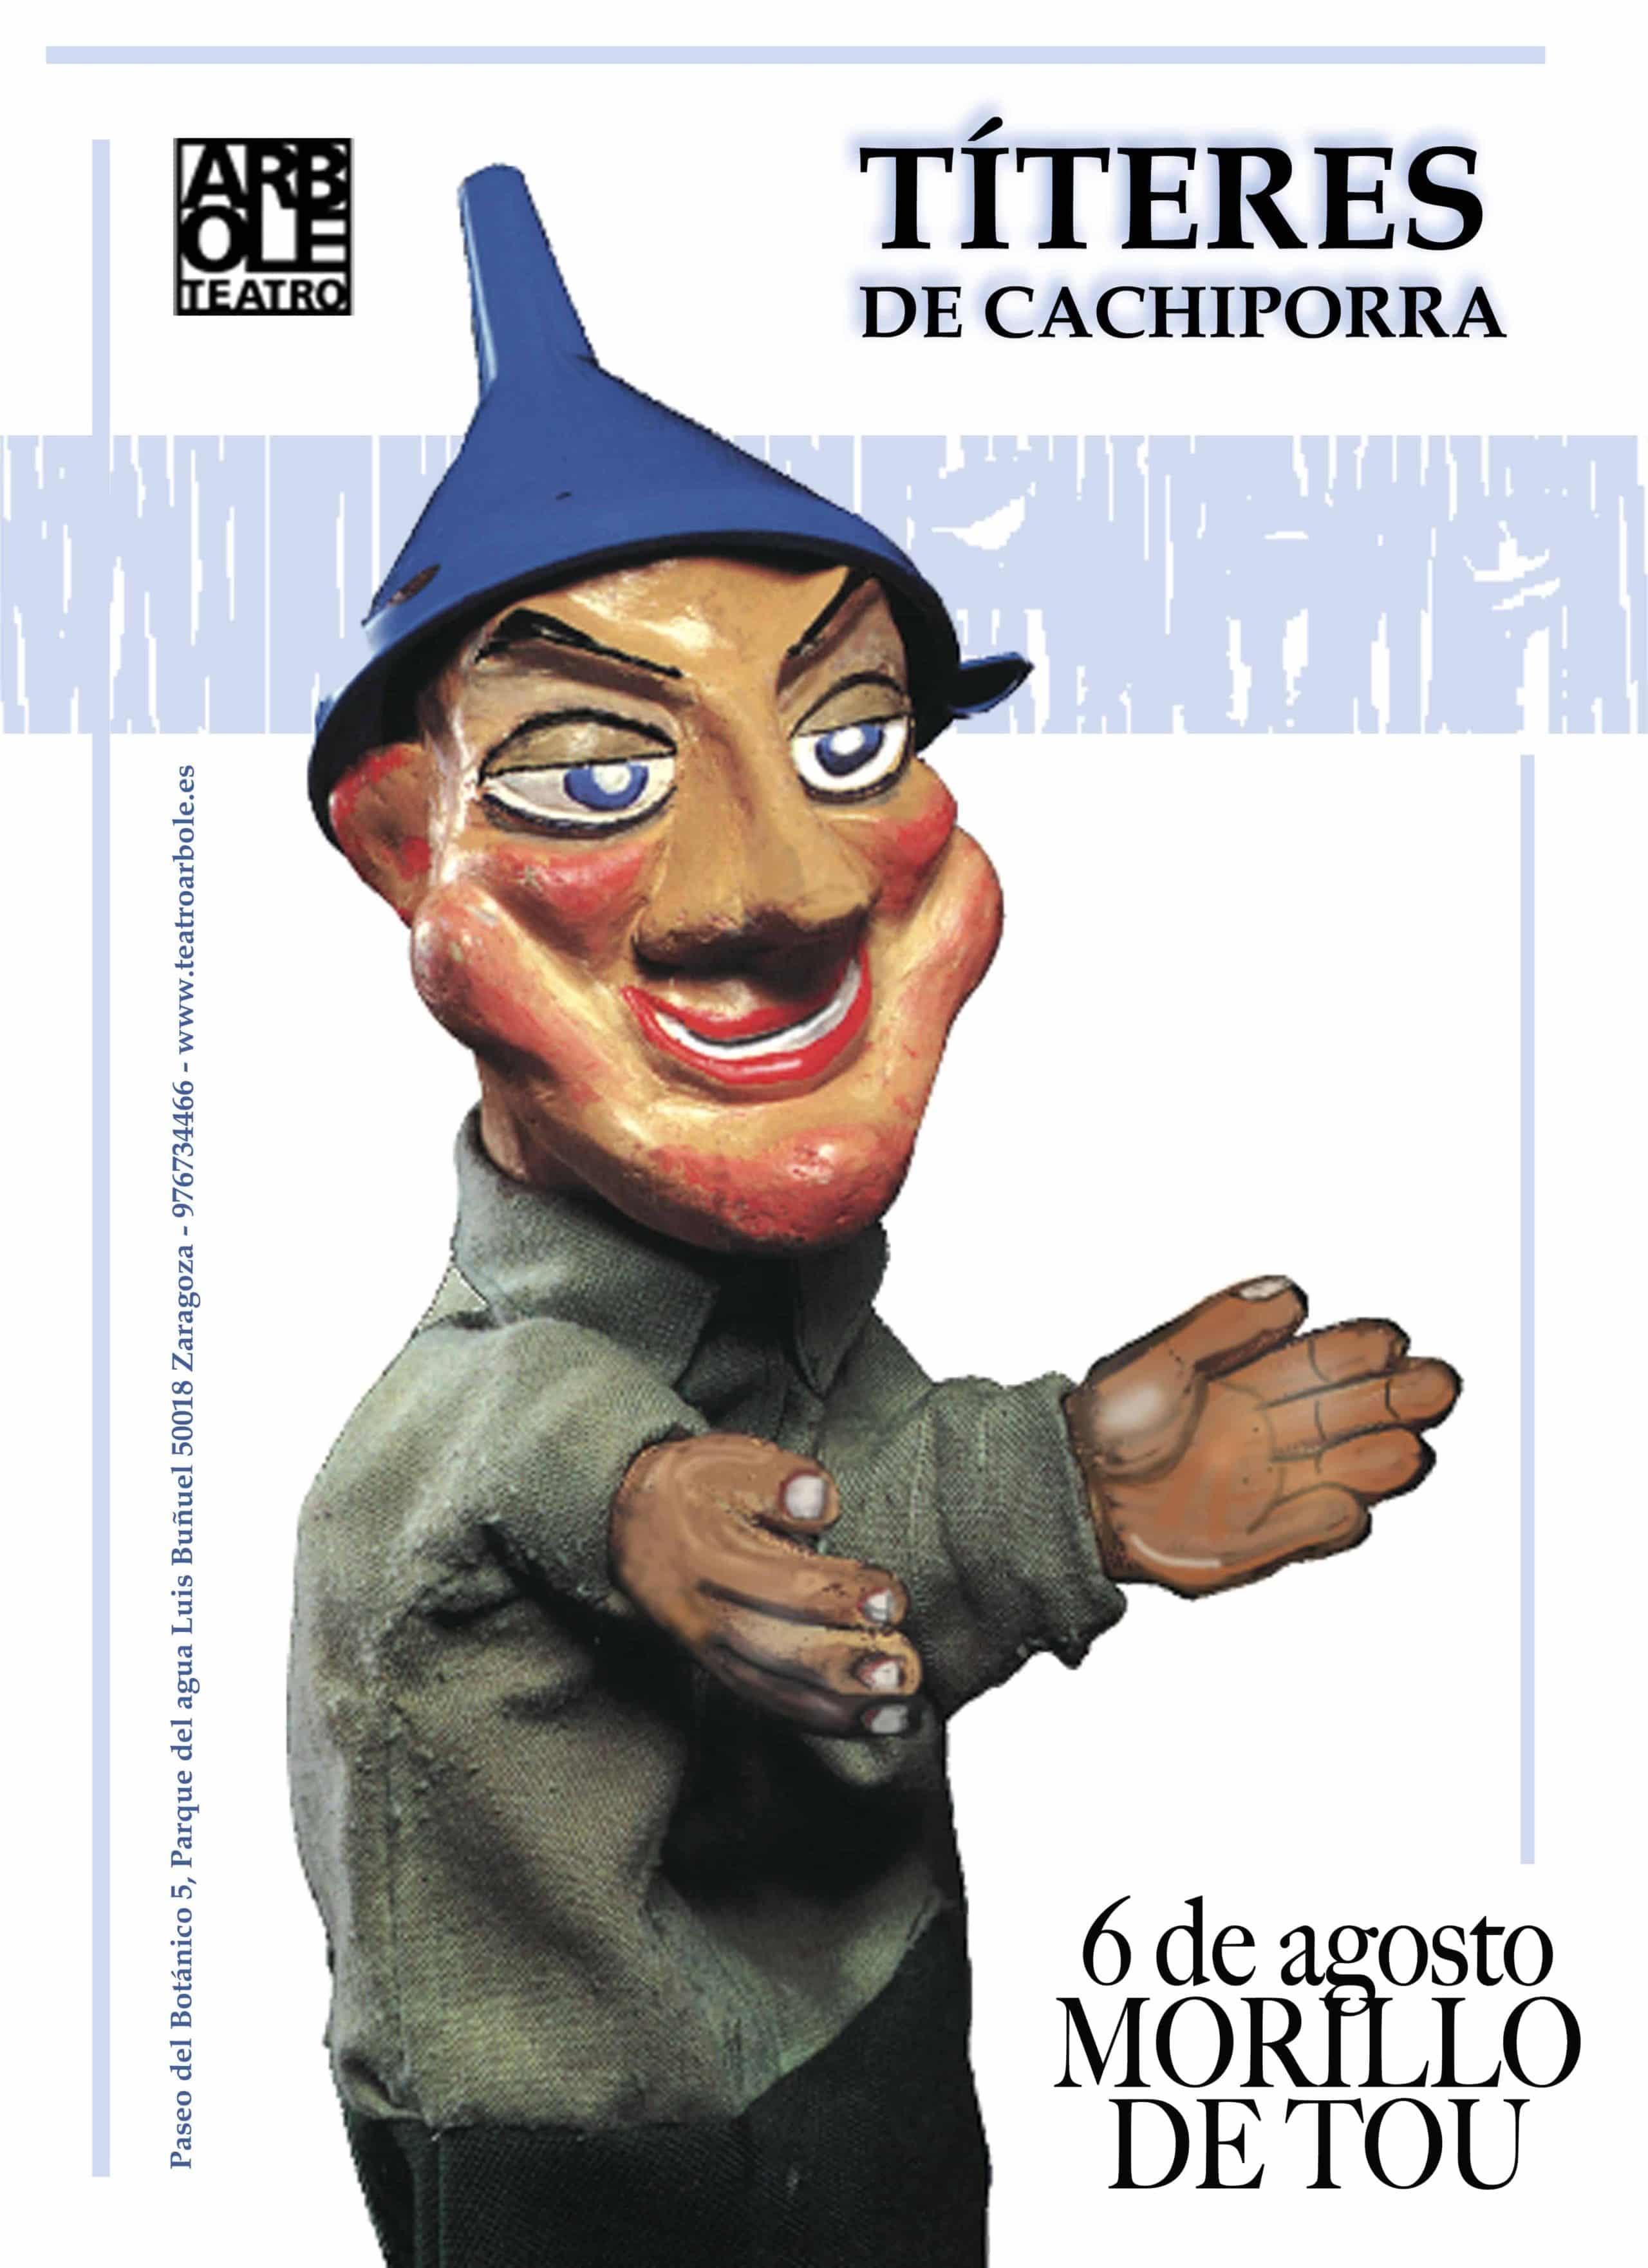 cachiporracartelmorillo_1.jpg